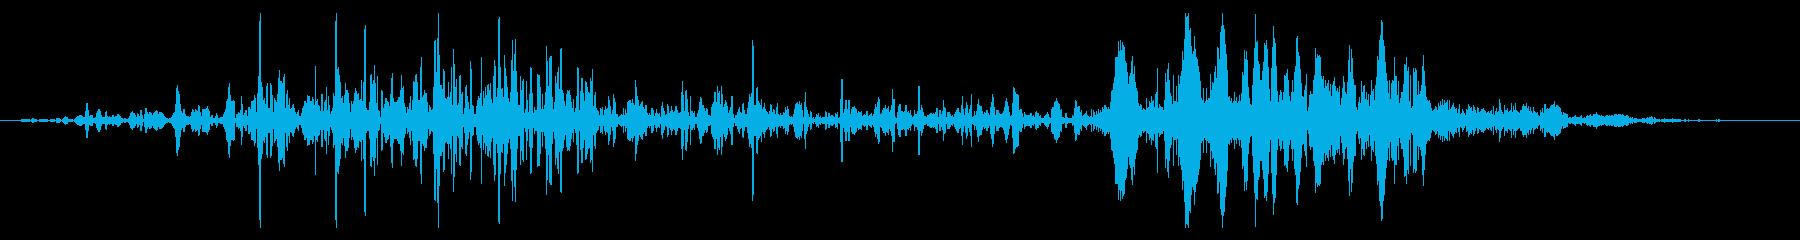 フライング ドラゴン ゲーム 考え中の再生済みの波形